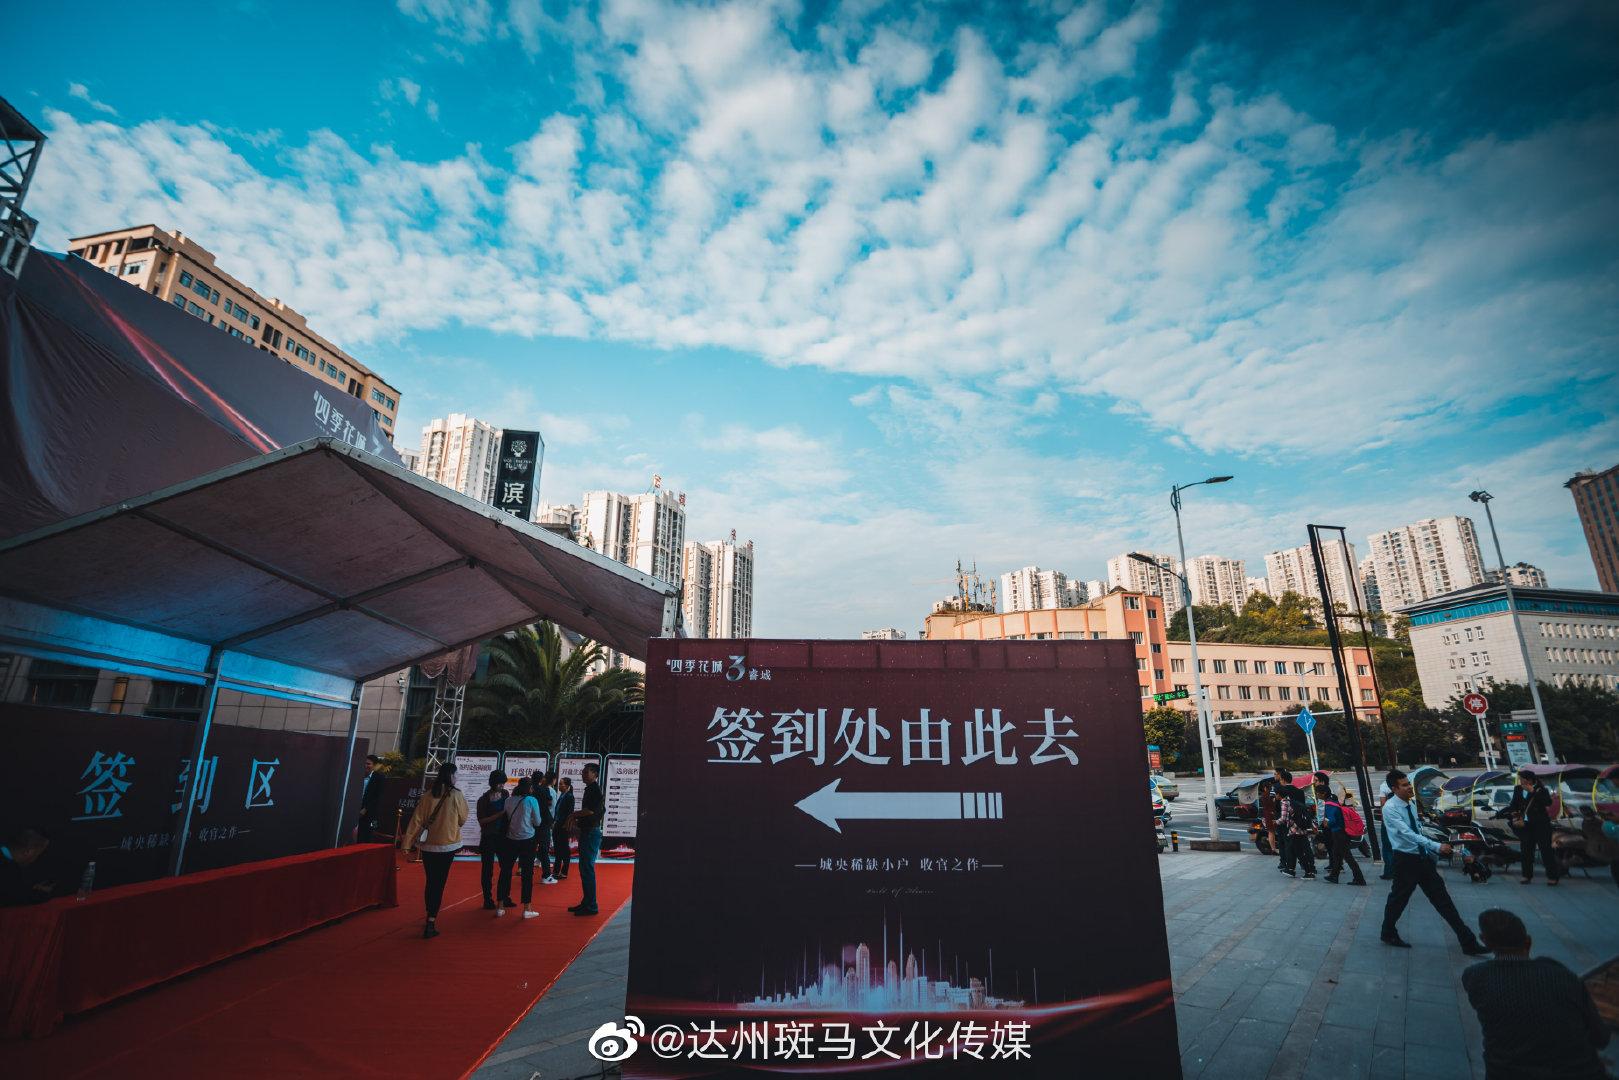 滨江四季花城三期高层5号楼盛大开盘